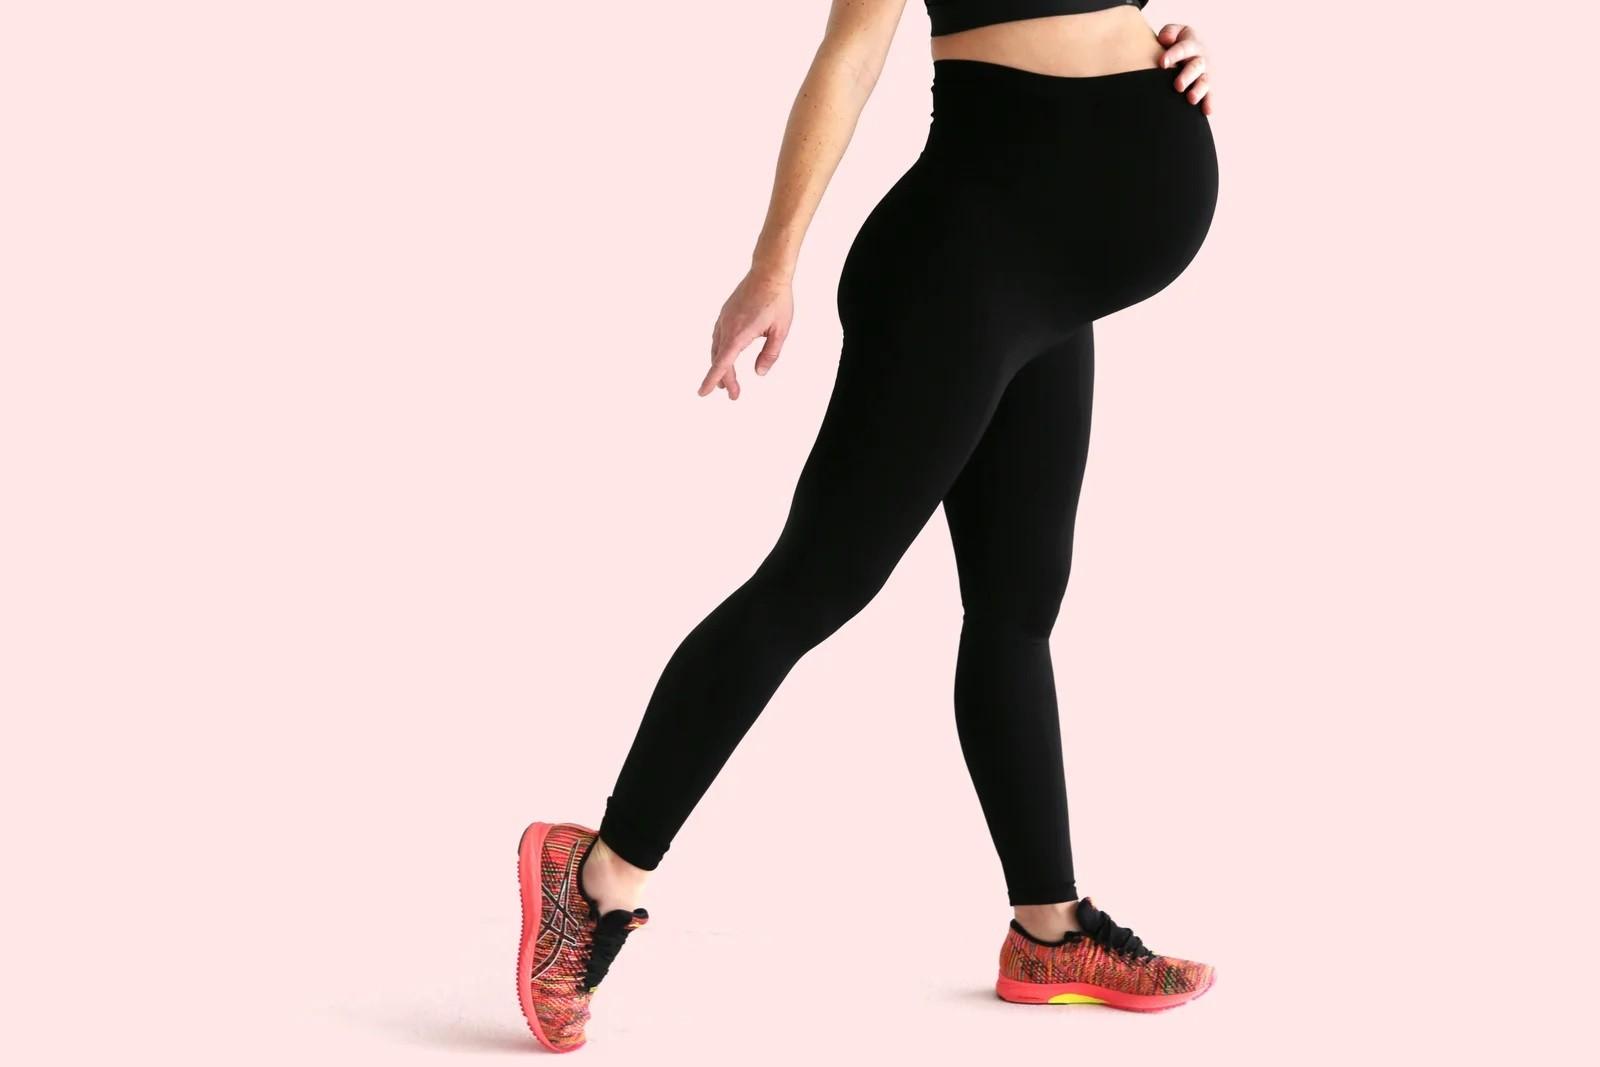 أنواع بنطلون الحمل- ليجن الحمل